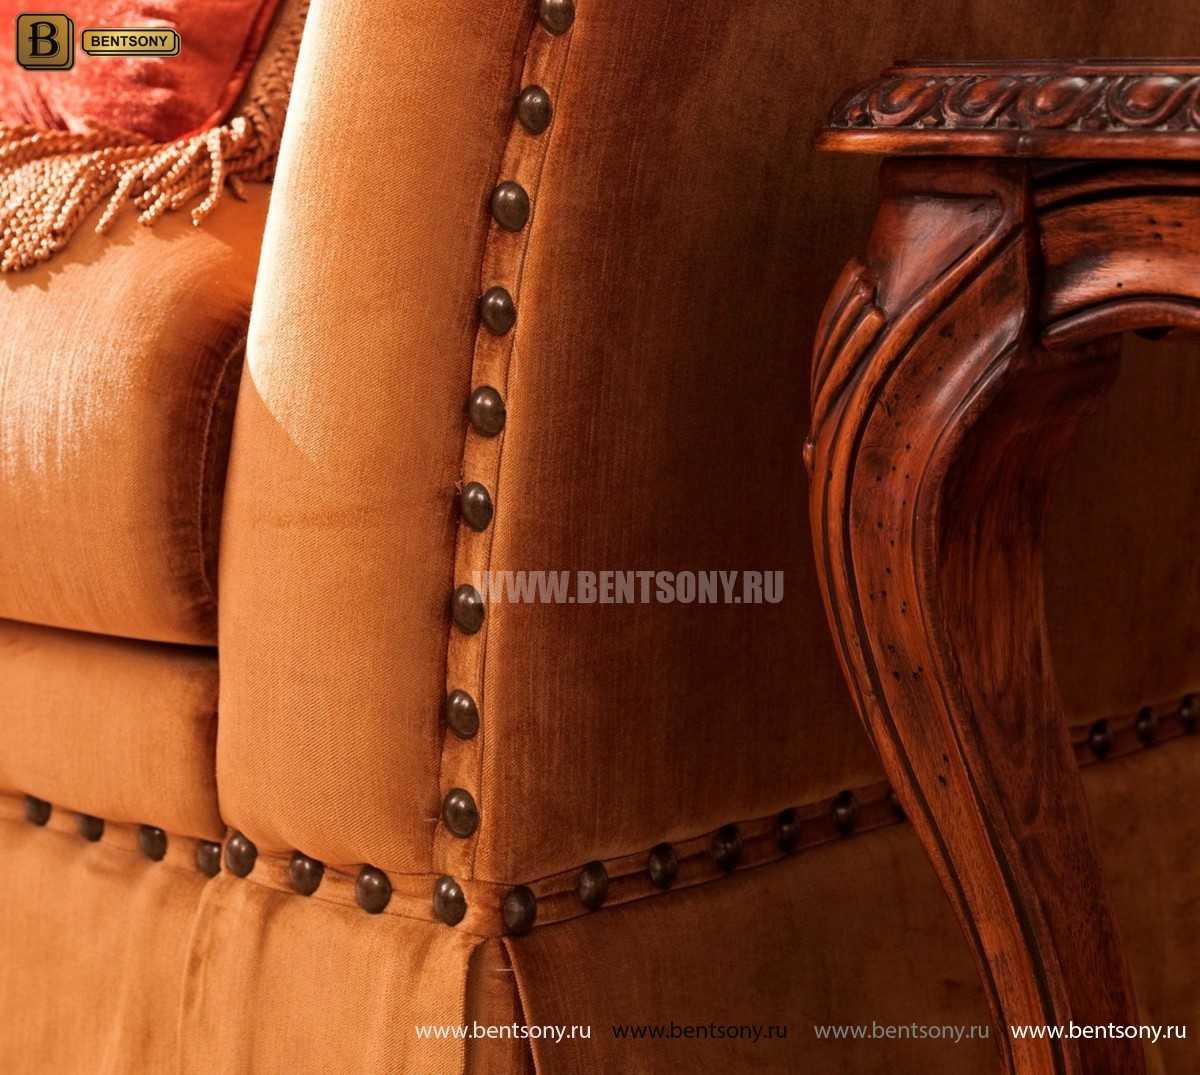 Стол журнальный Монтана А, чайный (Классика, массив дерева) для дома